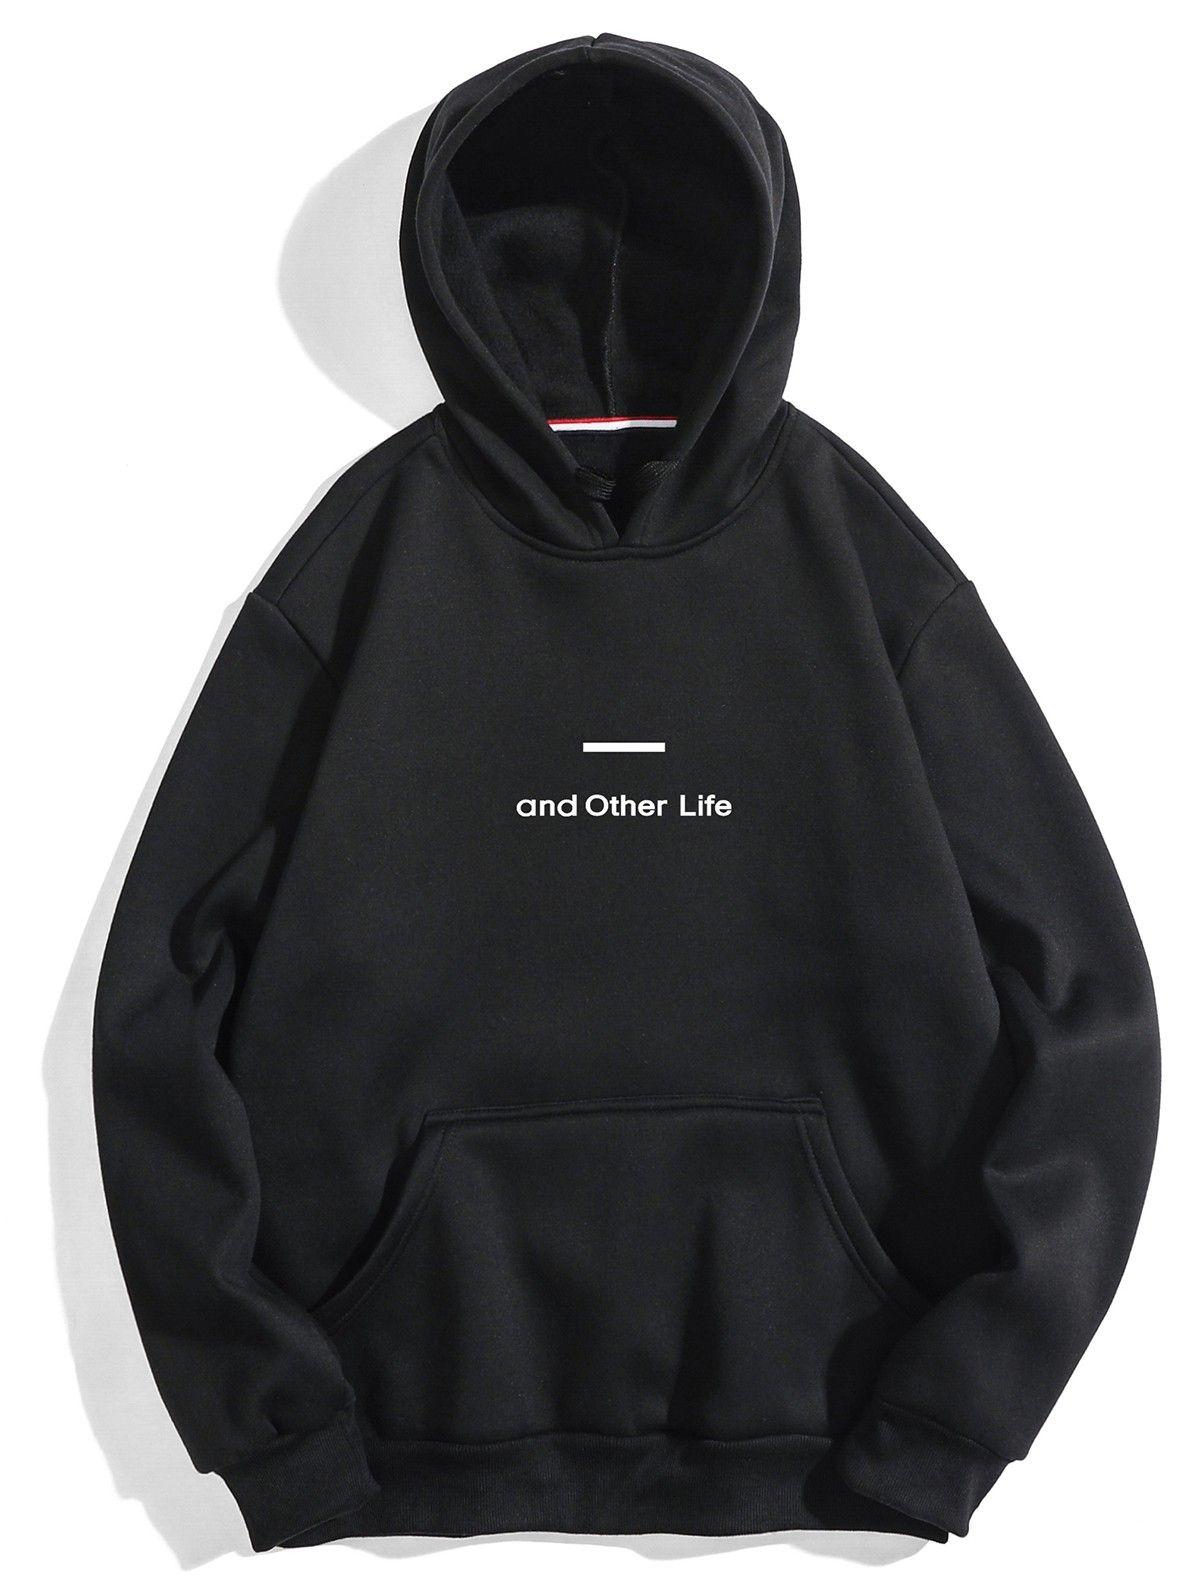 Casual Letter Soft Fleece Hoodie Black 4n42123721 Size Xs Sweatshirts Hoodies Men Printed Hooded Sweatshirt [ 1596 x 1200 Pixel ]